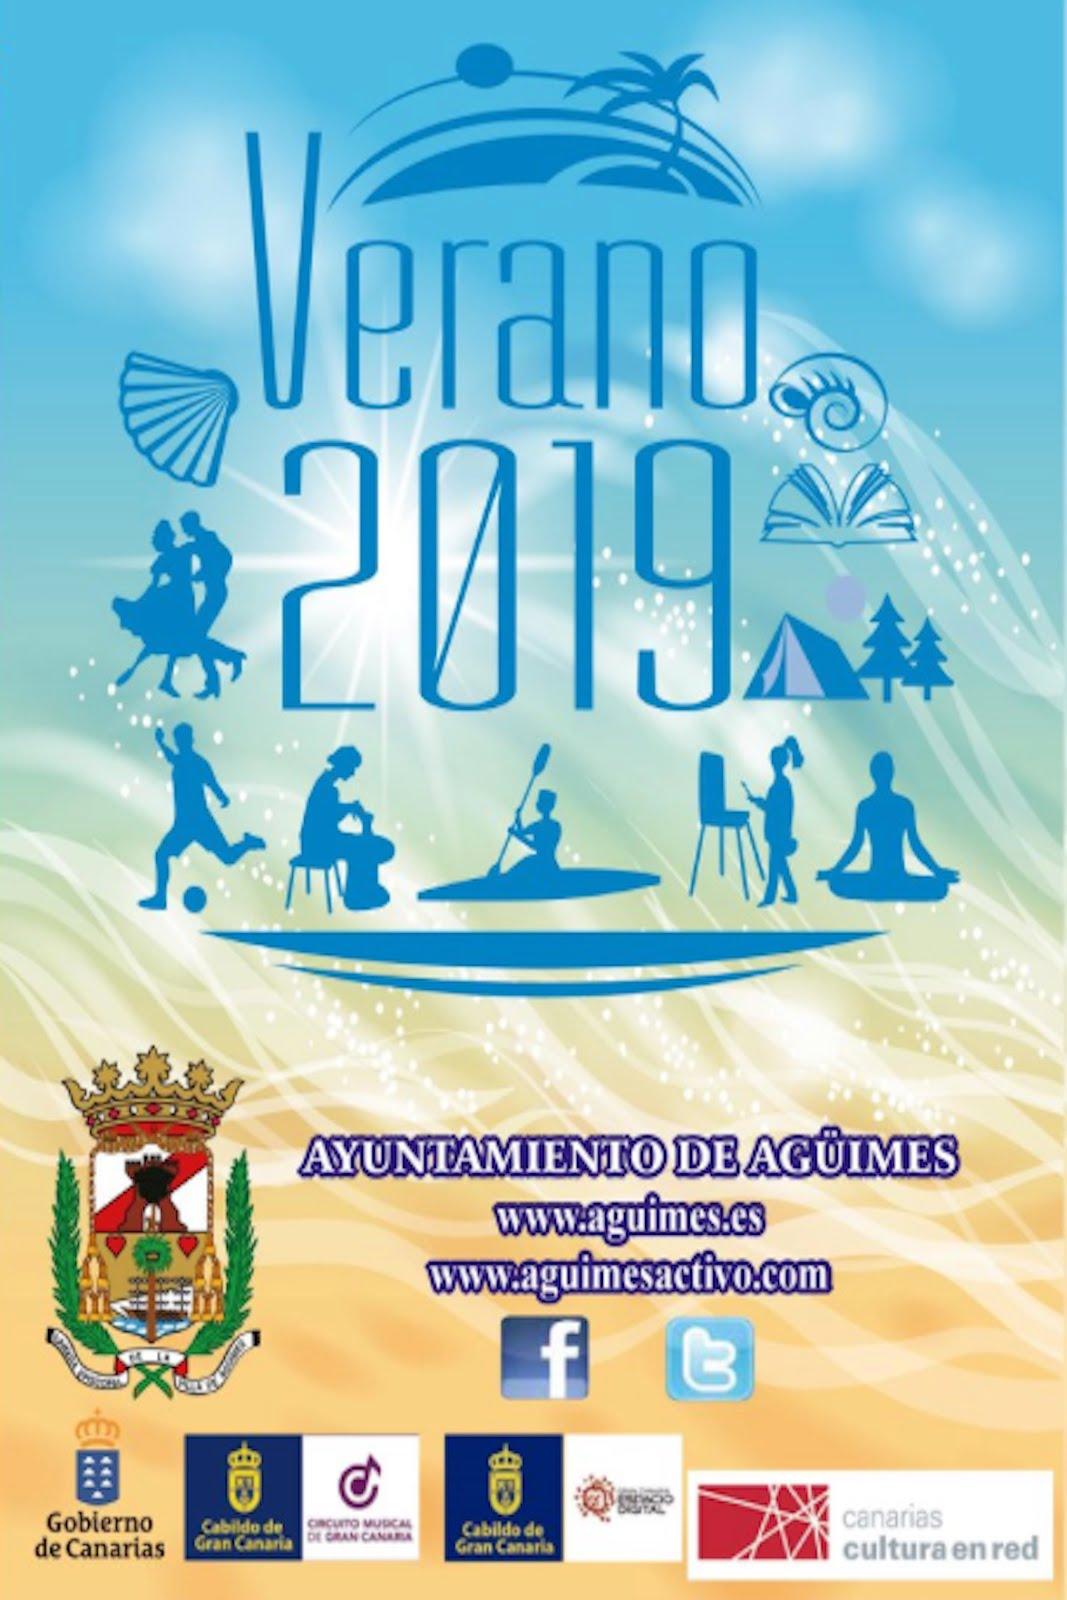 Verano Agüimes 2019